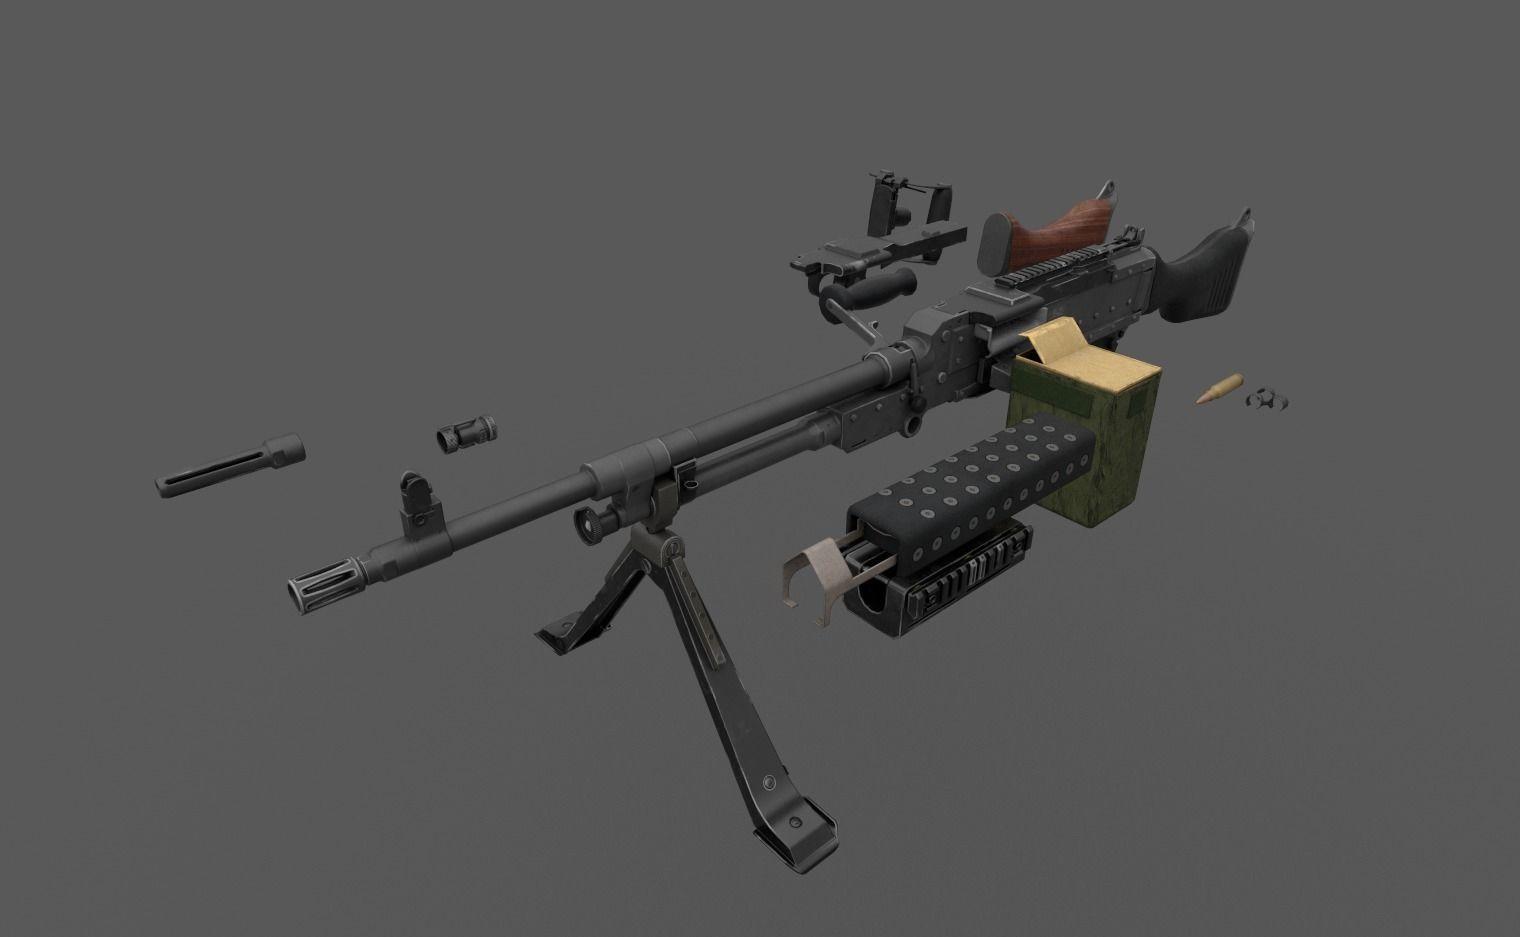 M240 FN MAG Game Ready Kit